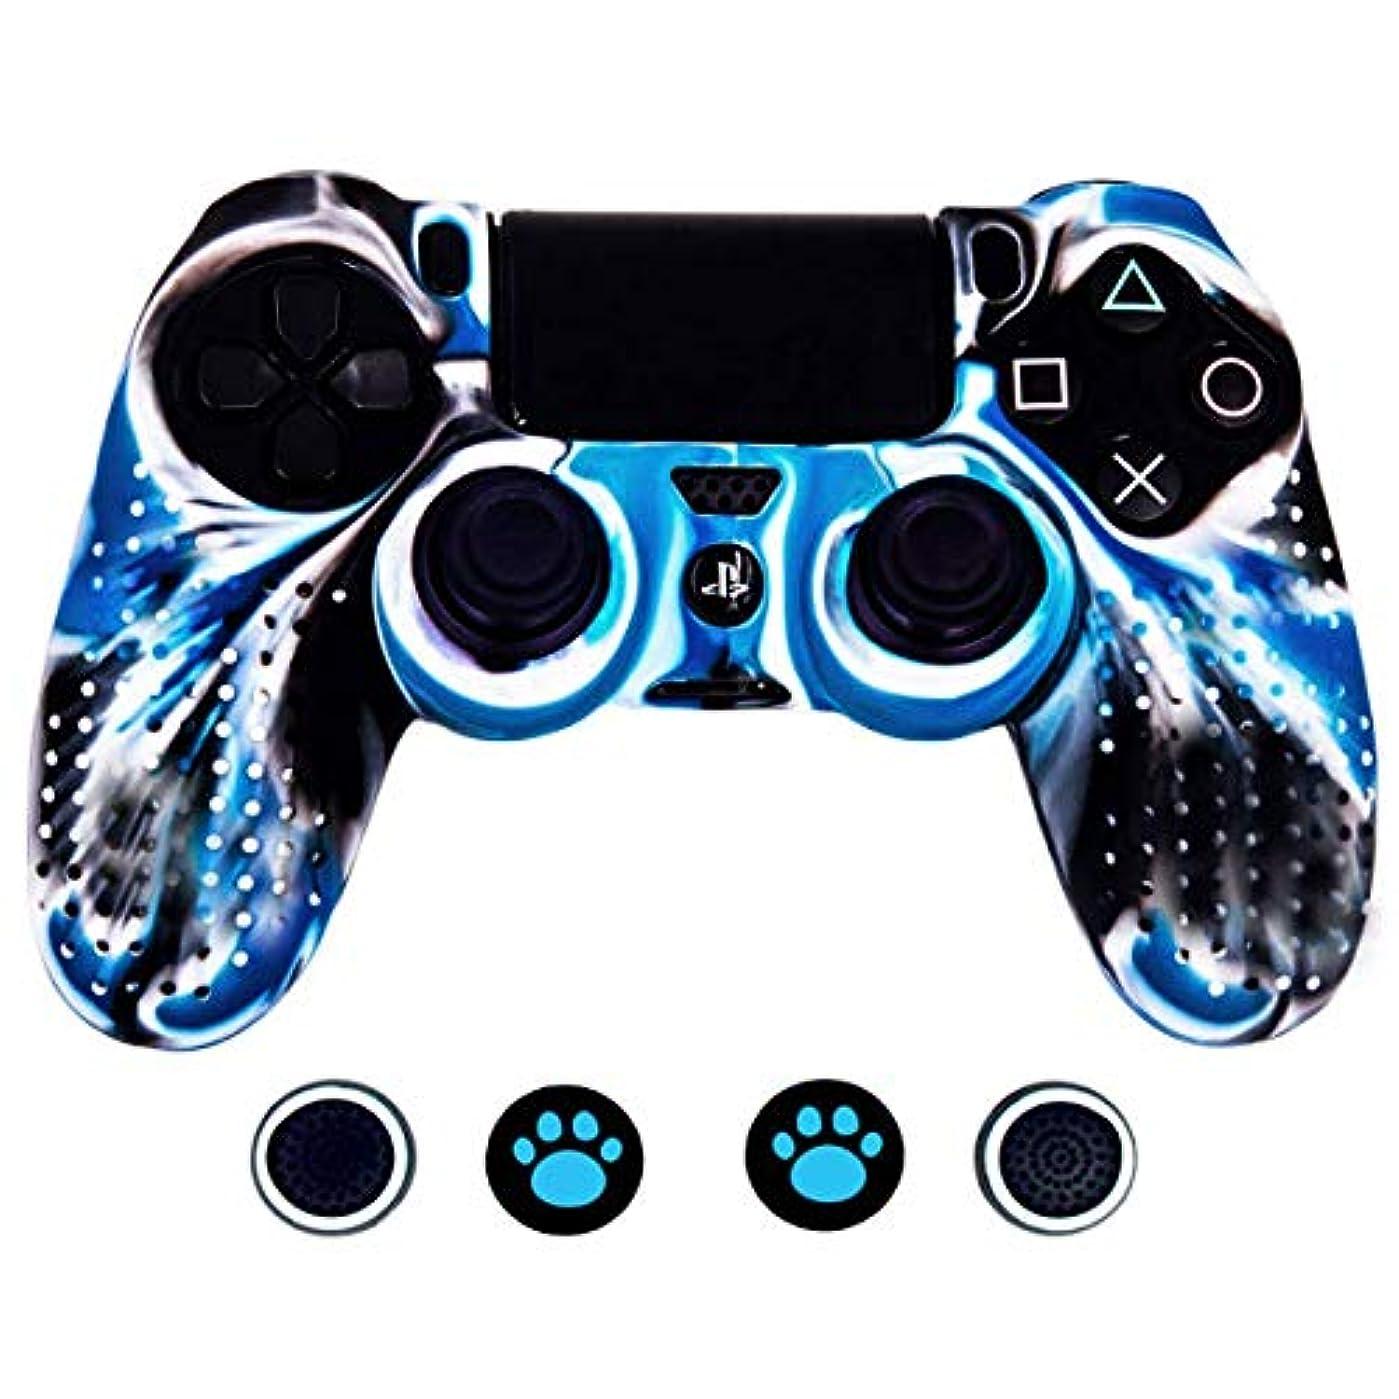 干ばつドル性的PS4 プレイステーション4コントローラグリップ滑り止めソフトシリコンスキンケース高品質保護カバー(ハンドル帽 4個付け) (迷彩ブルー)